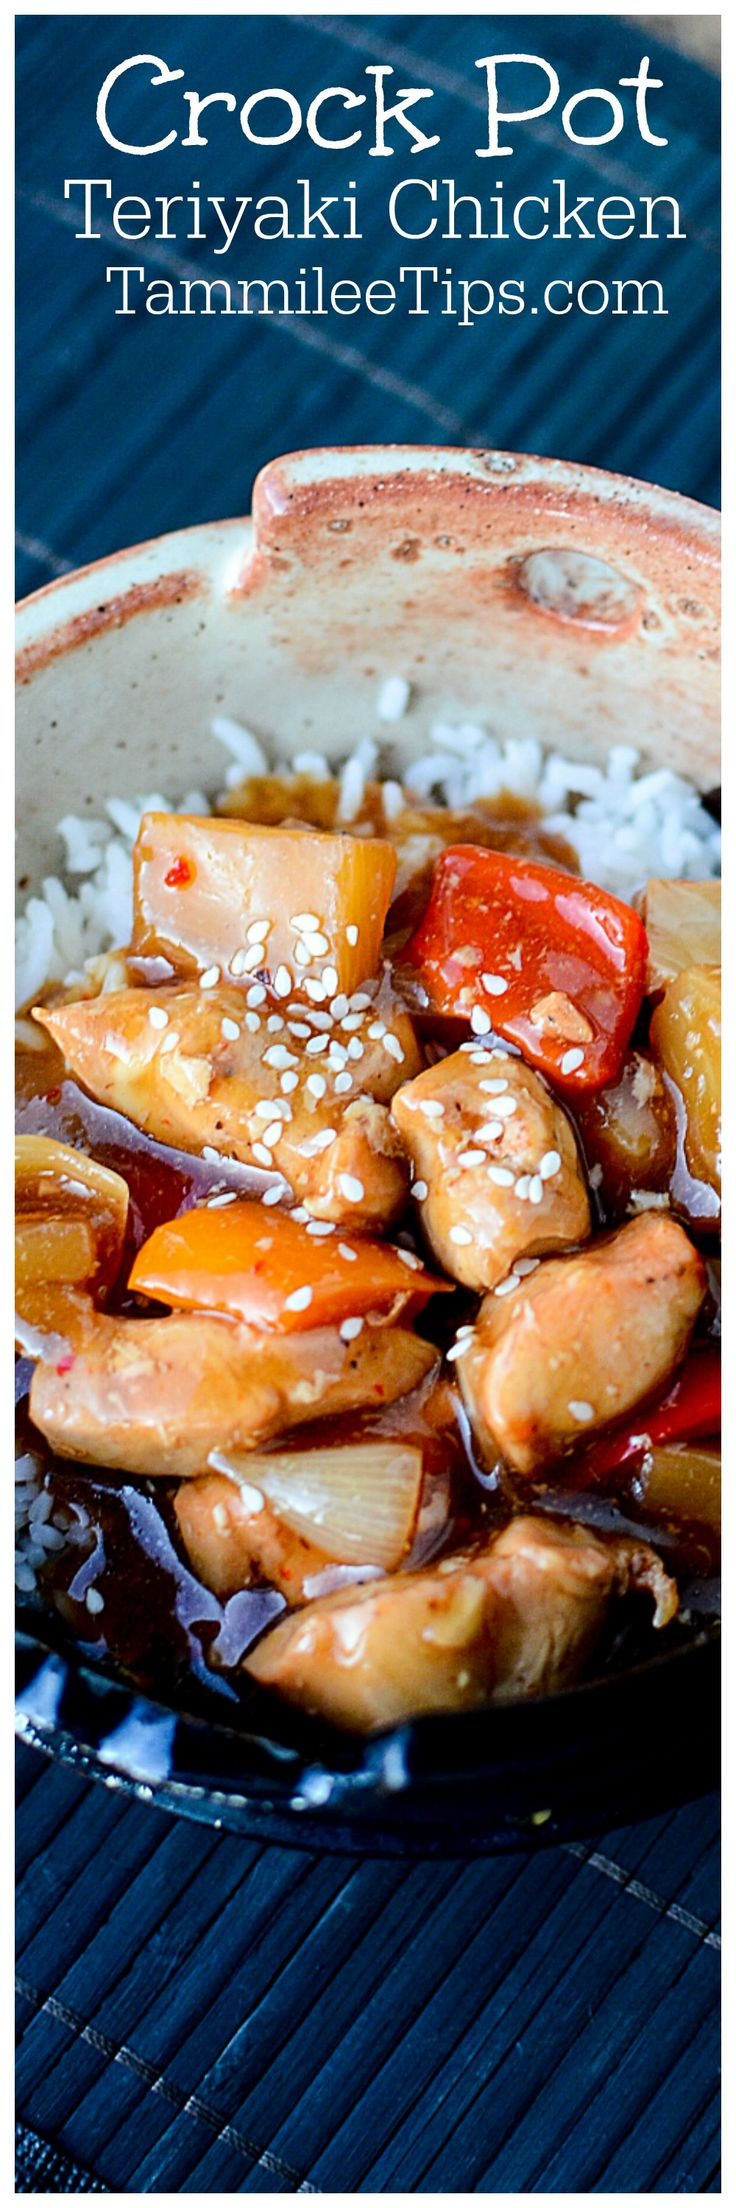 Crock pot teriyaki chicken recipes easy